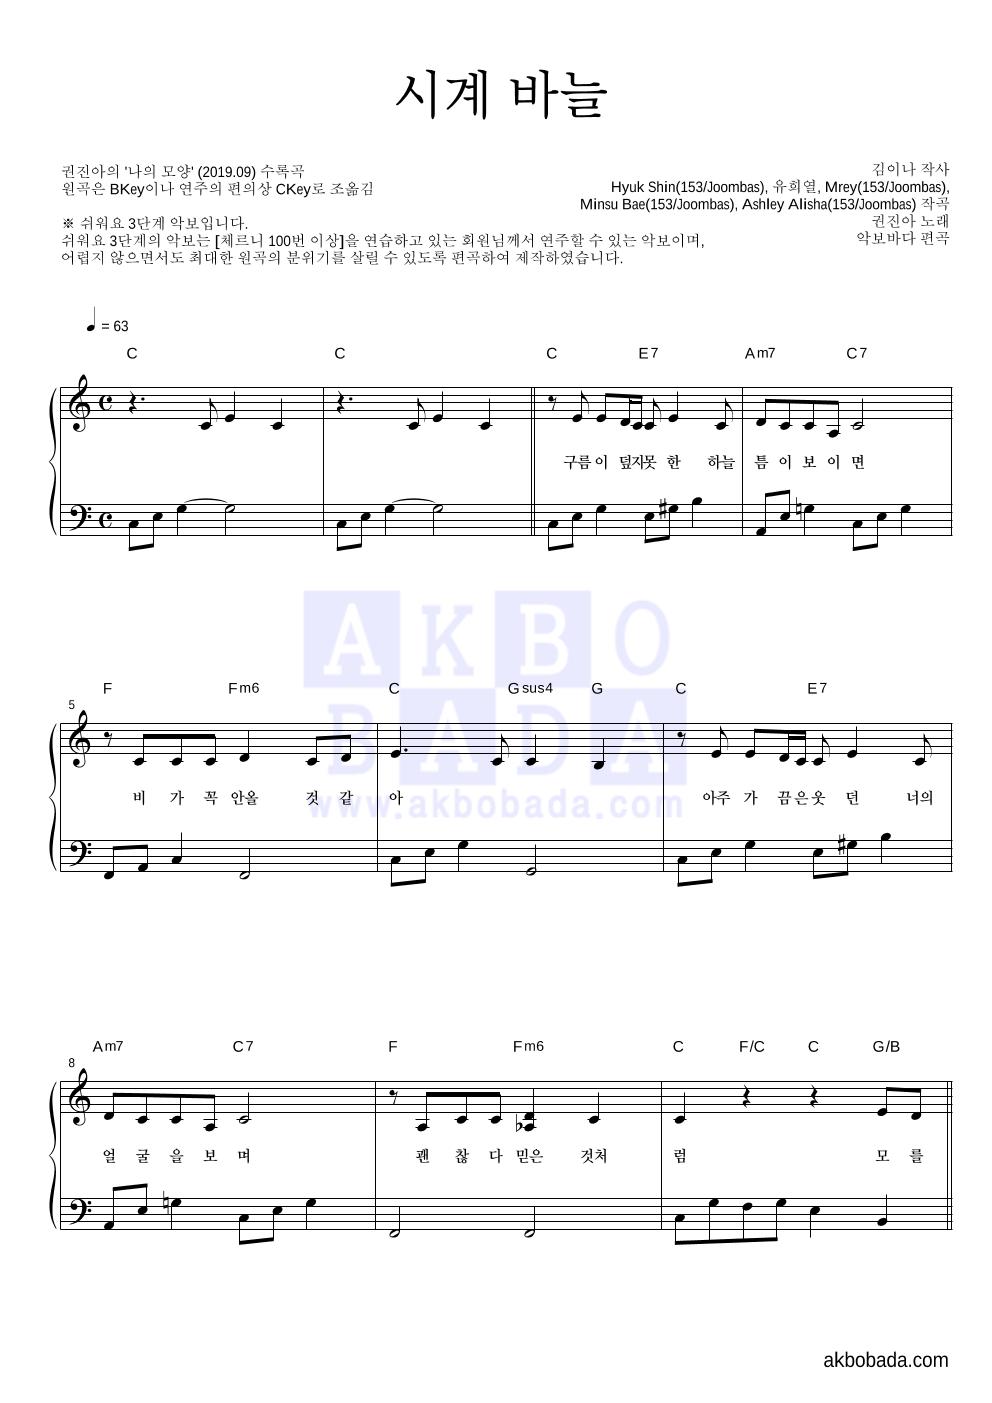 권진아 - 시계 바늘 피아노2단-쉬워요 악보